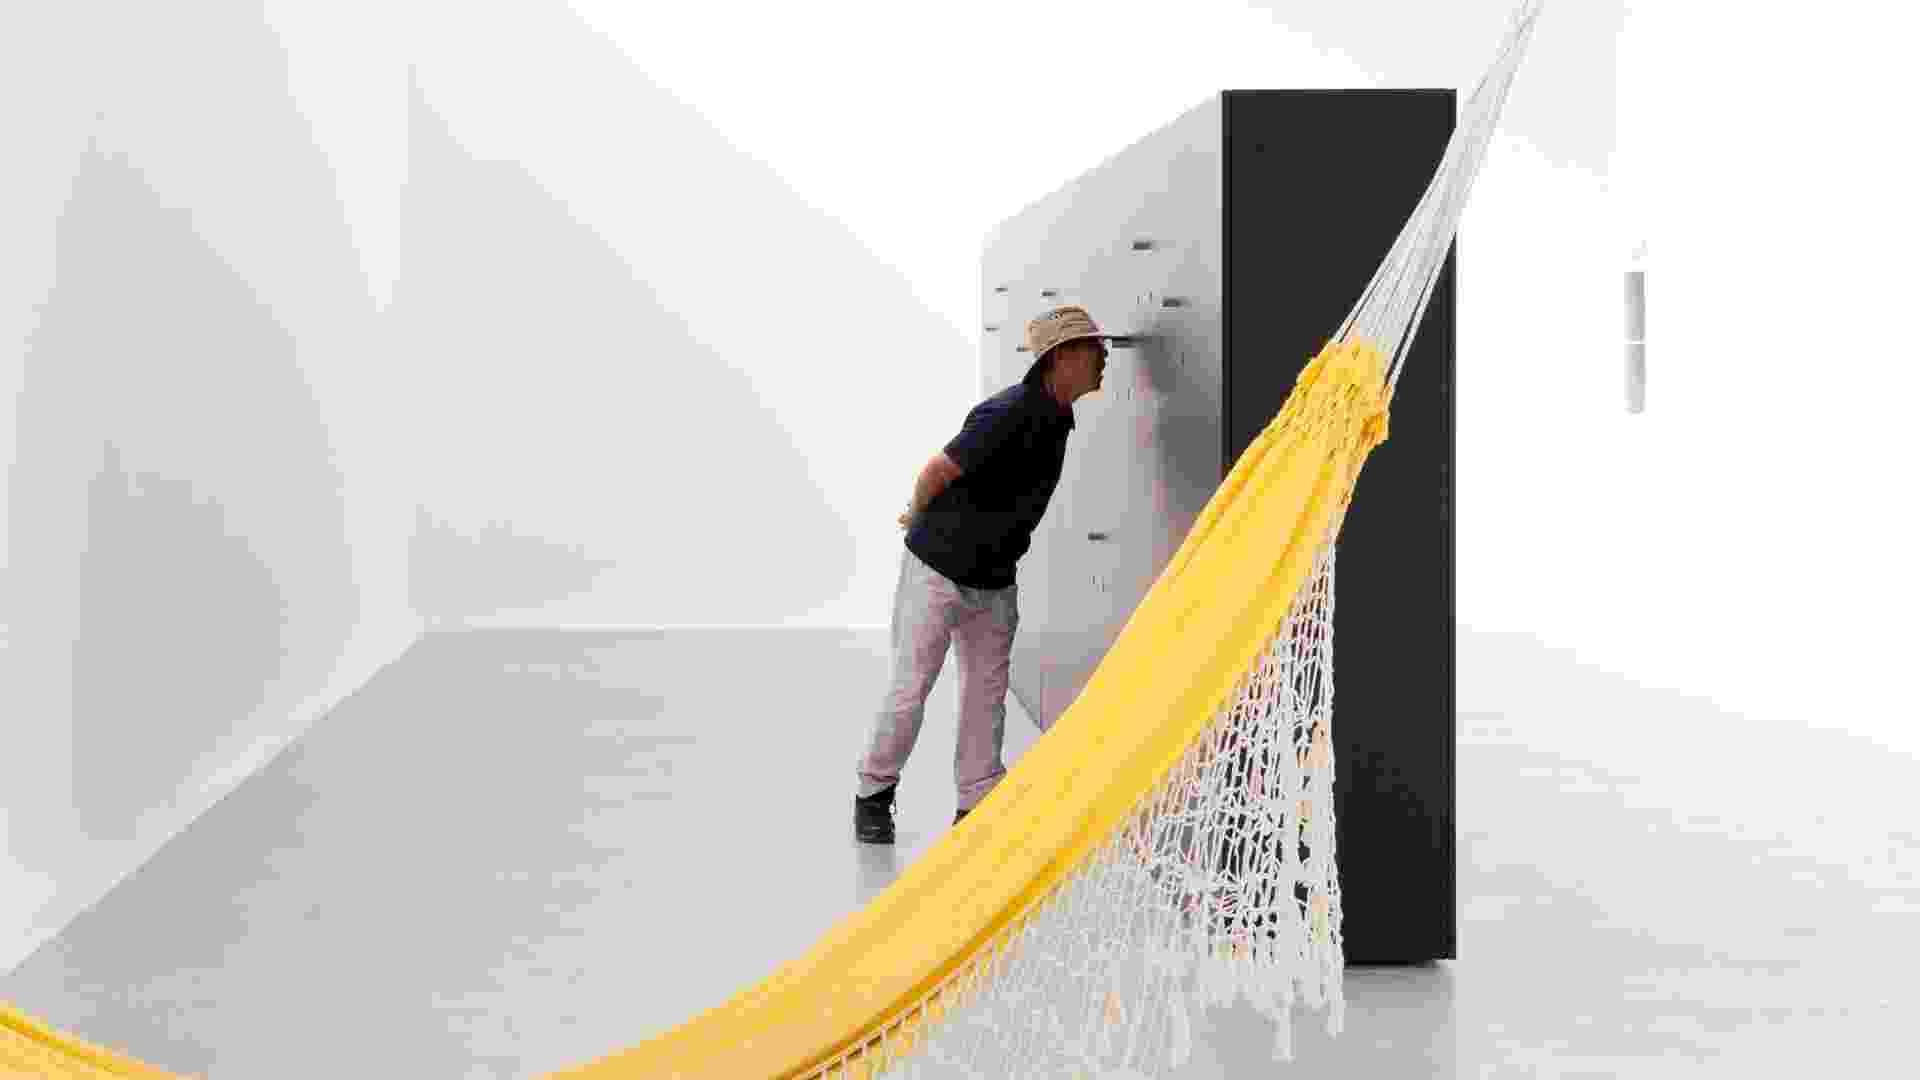 """Ao lado da instalação """"Riposatevi"""", criada em 1964 por Lúcio Costa, a """"caixa"""" do studio mk27, do arquiteto Márcio Kogan, guarda o cotidiano de uma casa paulistana em sua intimidade. Aos visitantes da 13ª Bienal Internacional de Arquitetura de Veneza era dada a oportunidade de espiar esse dia a dia, através de um filme também produzido pelo escritório brasileiro (Imagem cedida para material específico, usar somente no respectivo conteúdo) - Patricia Parinejad/ Divulgação"""